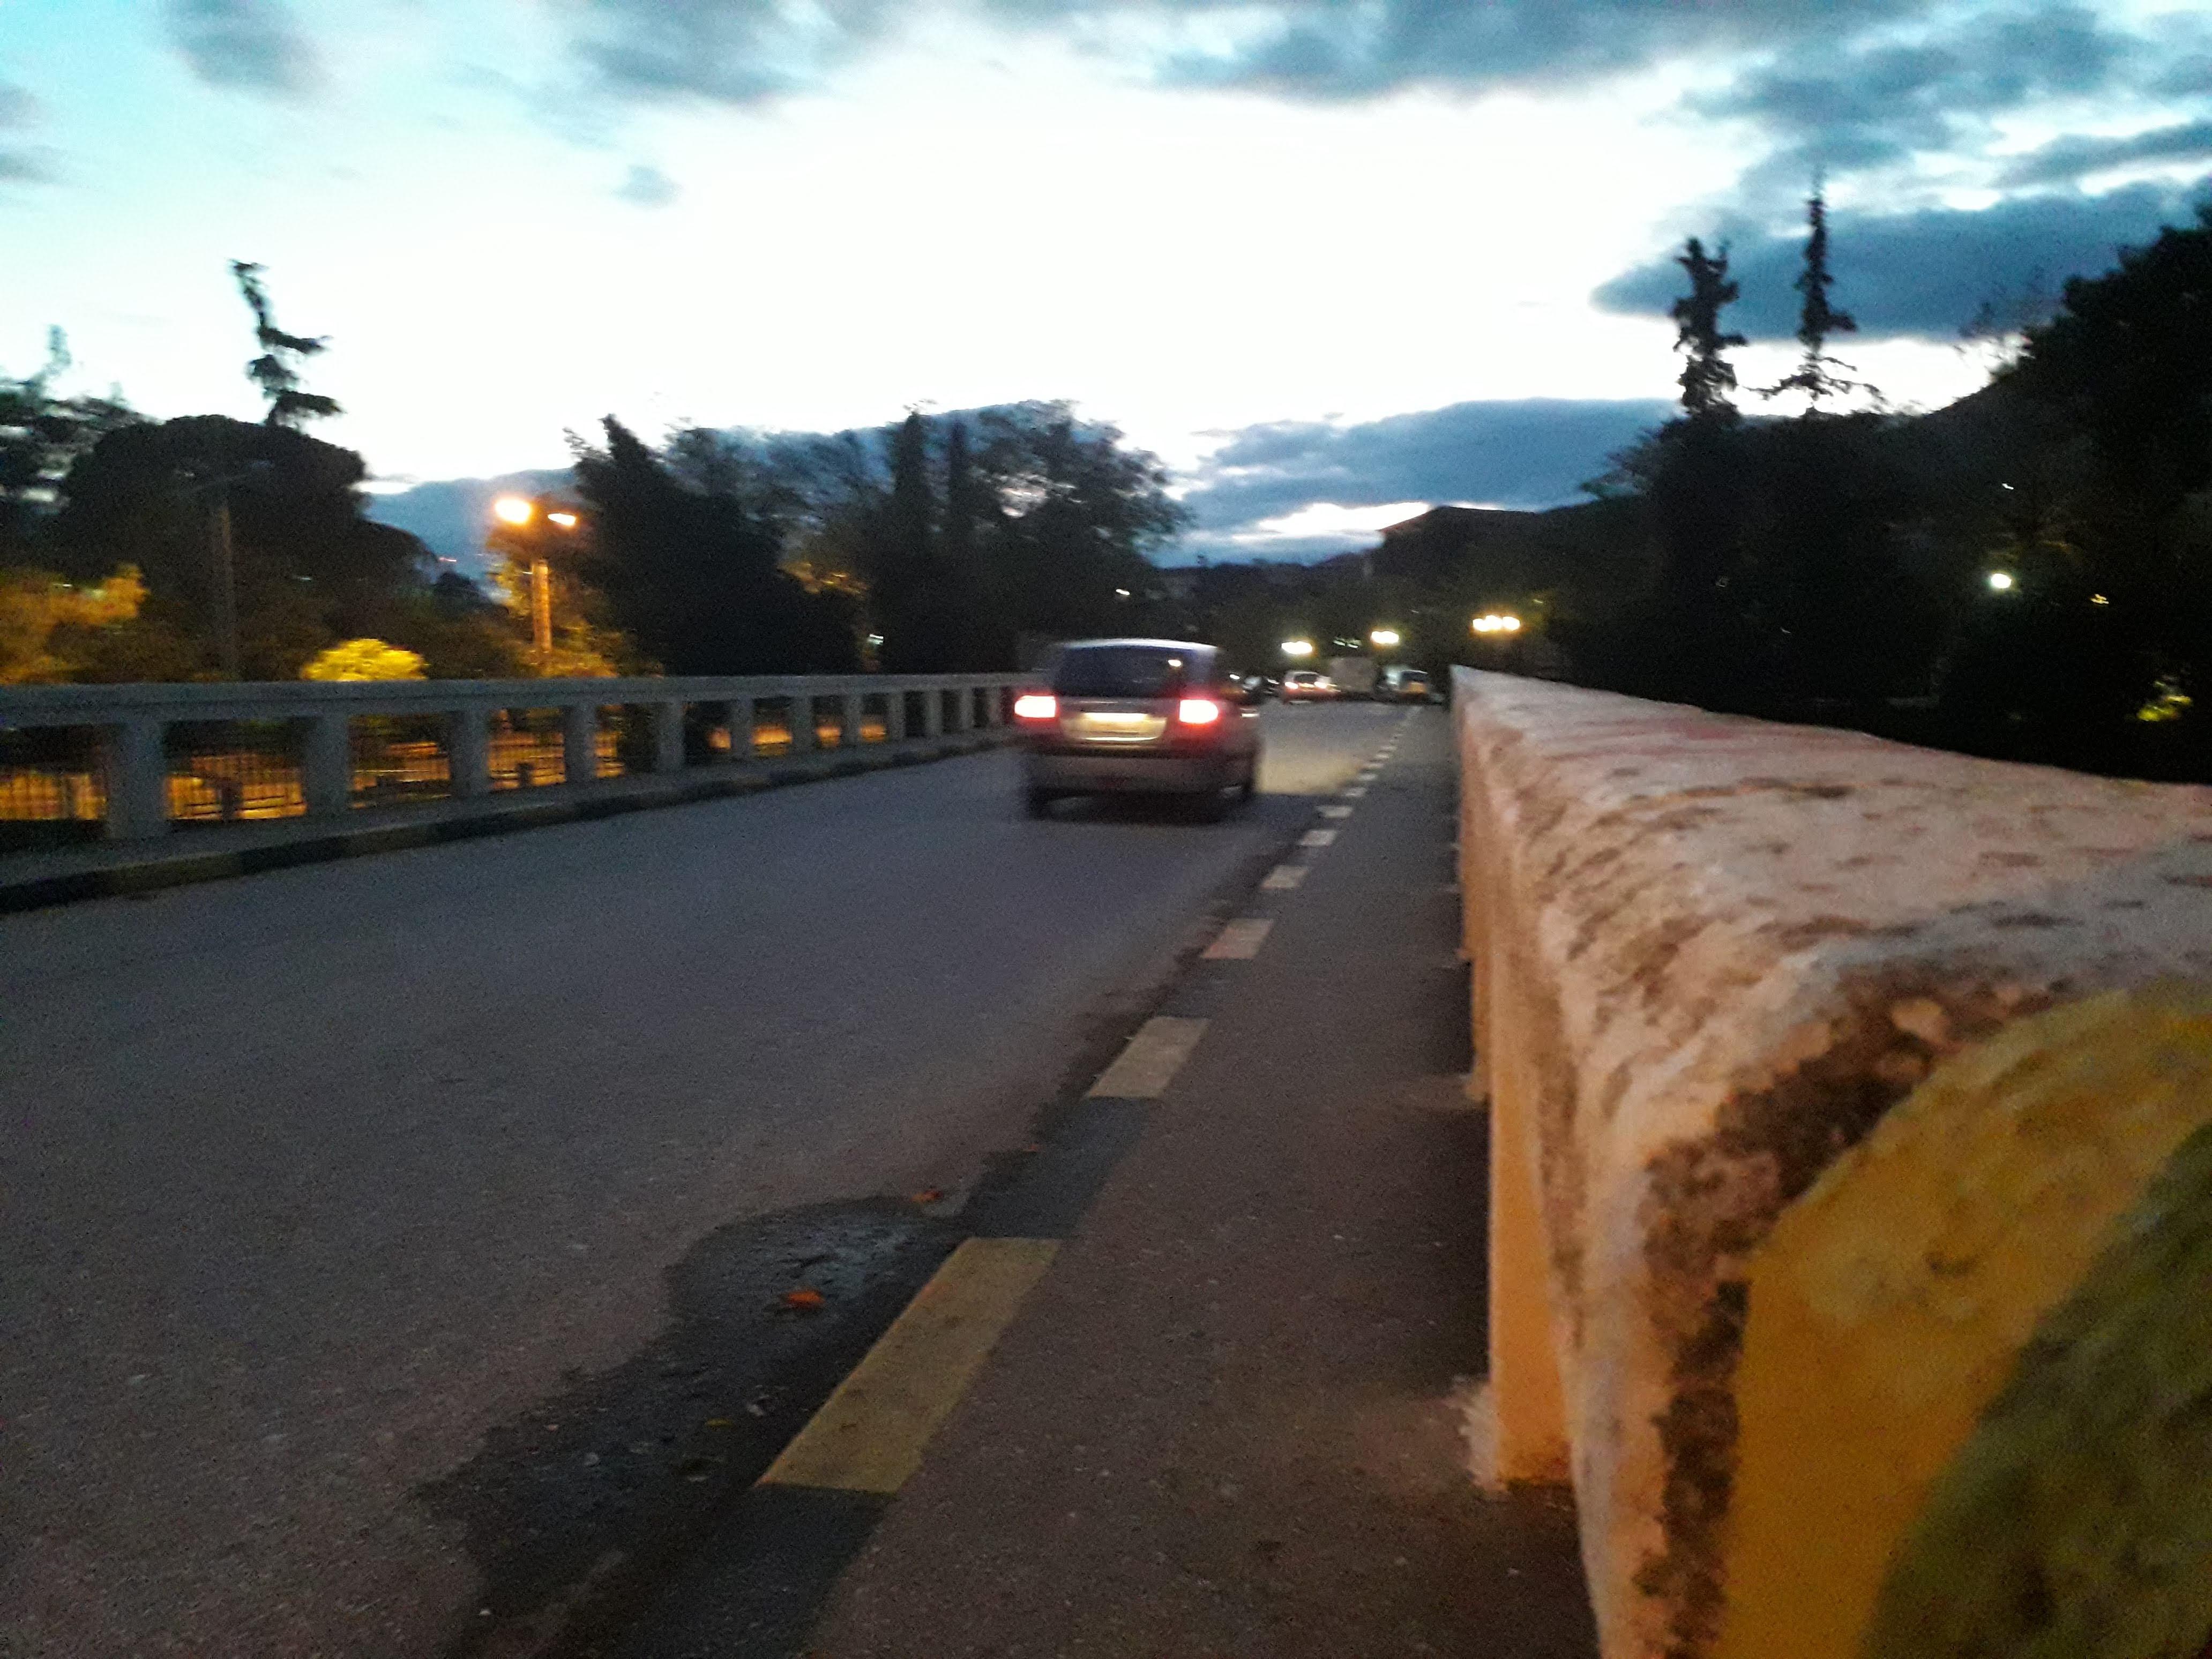 Κορονοϊός: 12 νέα κρούσματα στην Ξάνθη ανακοίνωσε ο ΕΟΔΥ